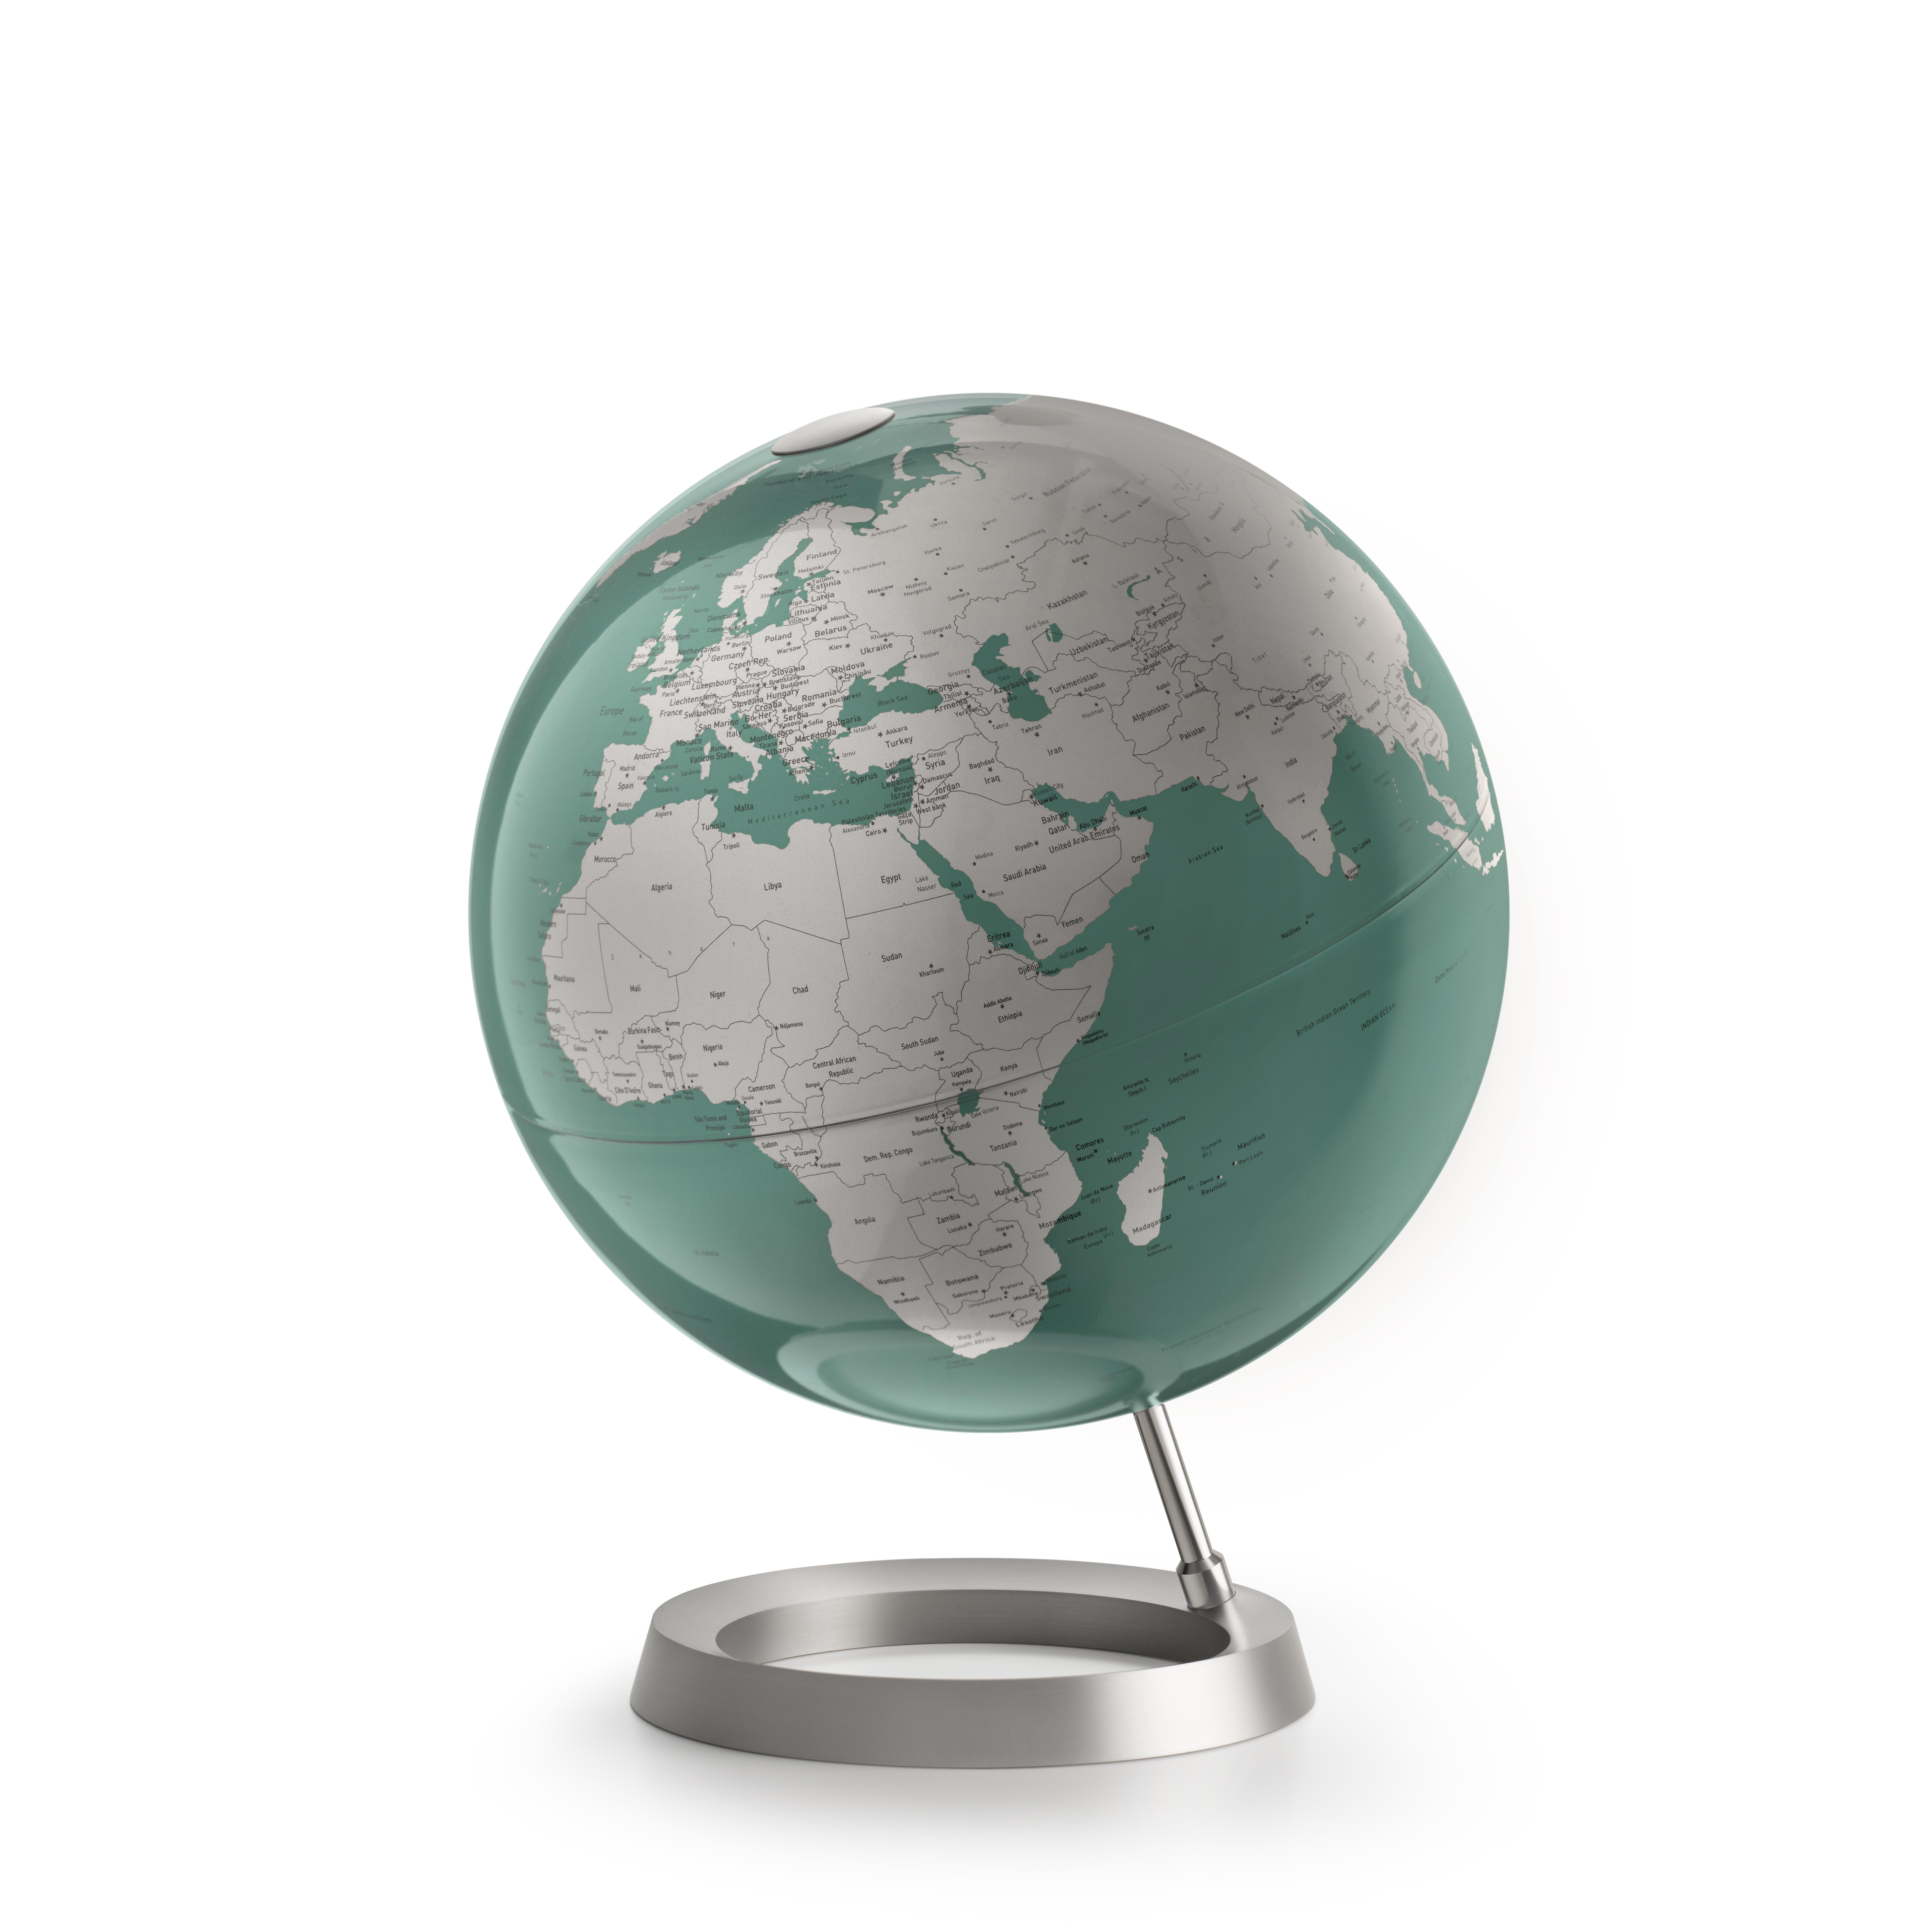 VISION MINT - Globe terrestre de design, textes en anglais